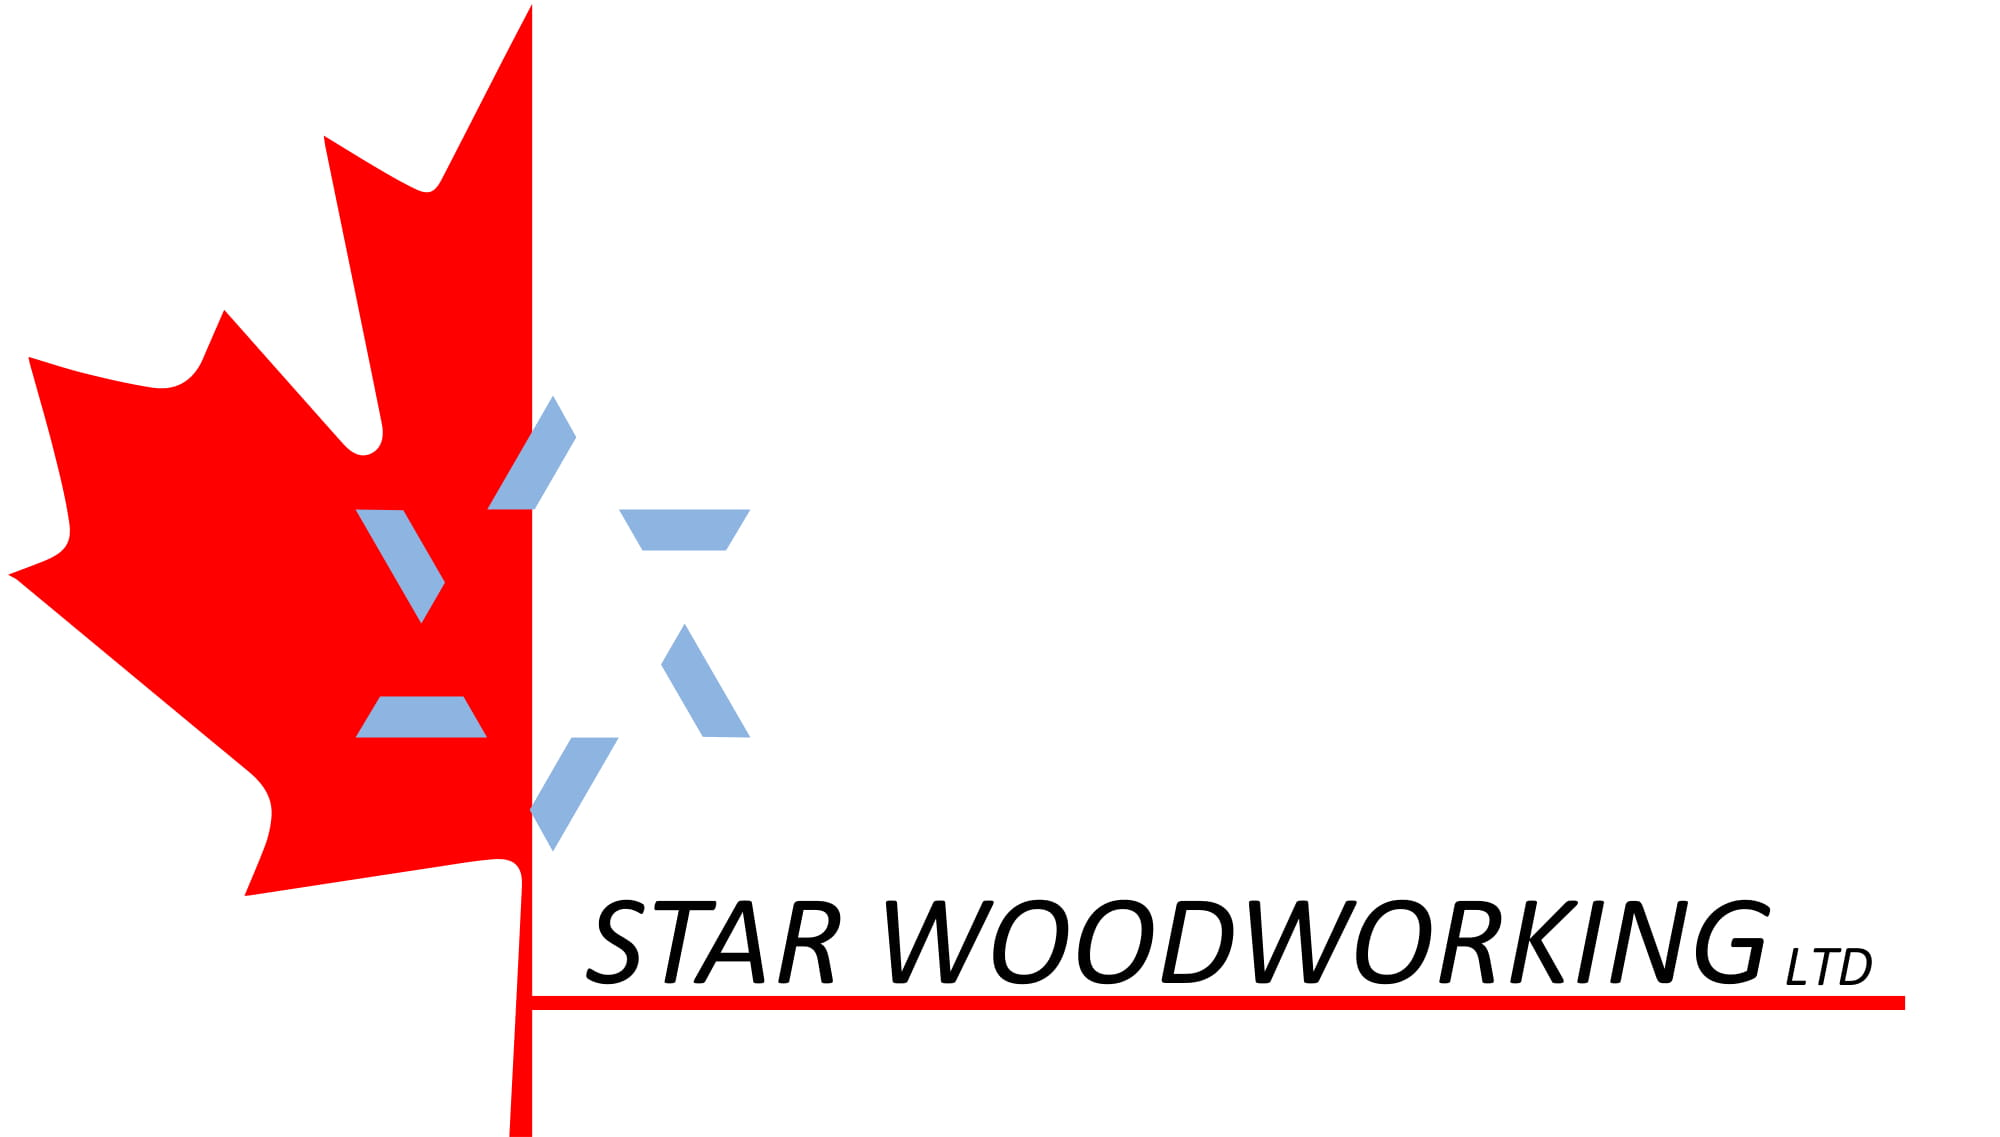 Star Woodworking ltd